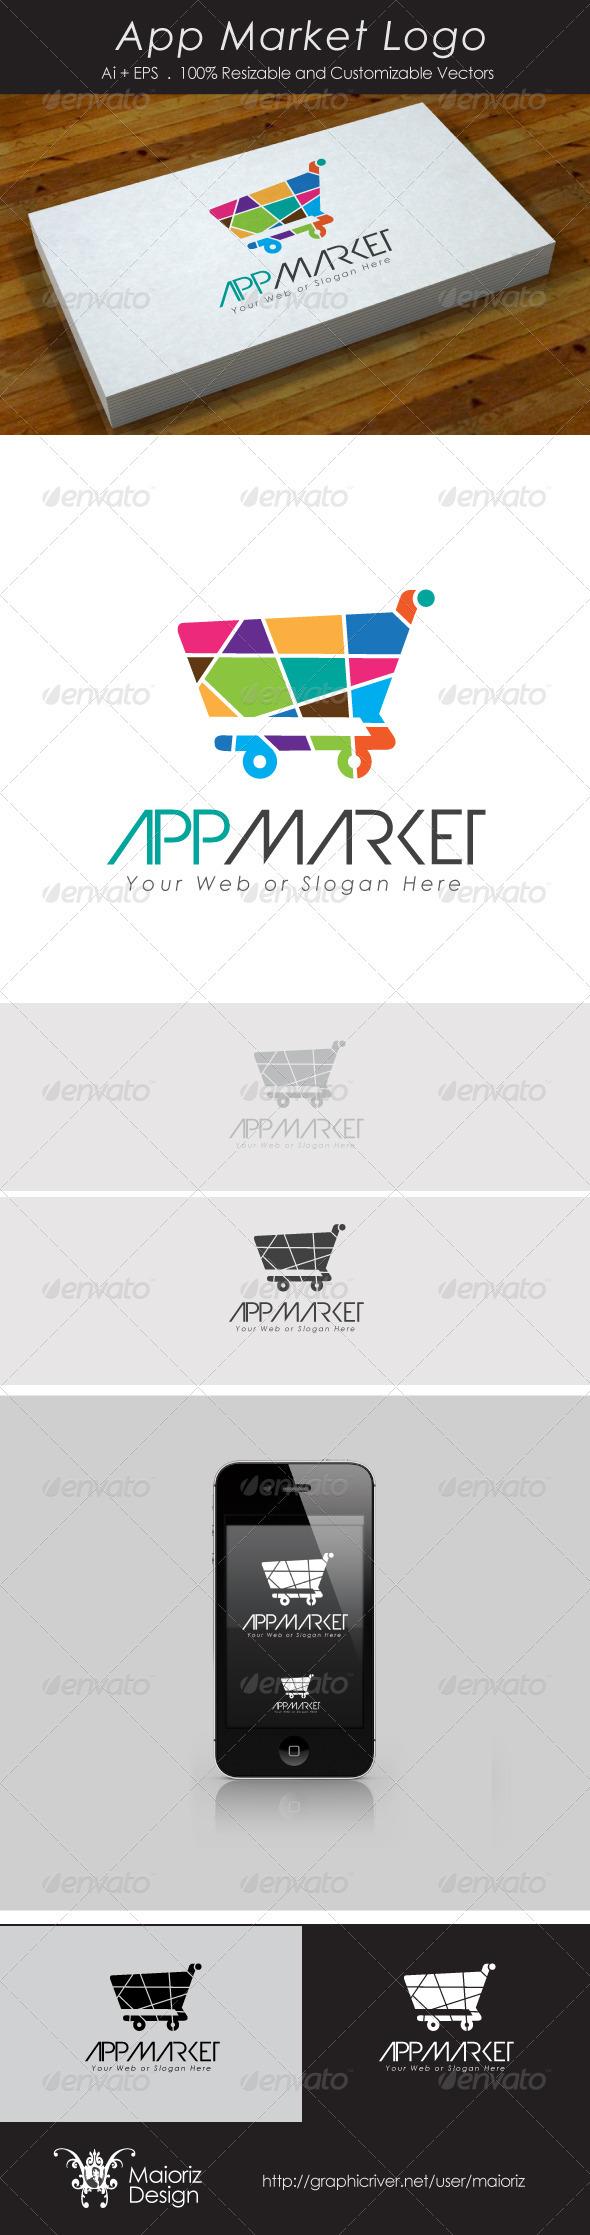 лого маркет: